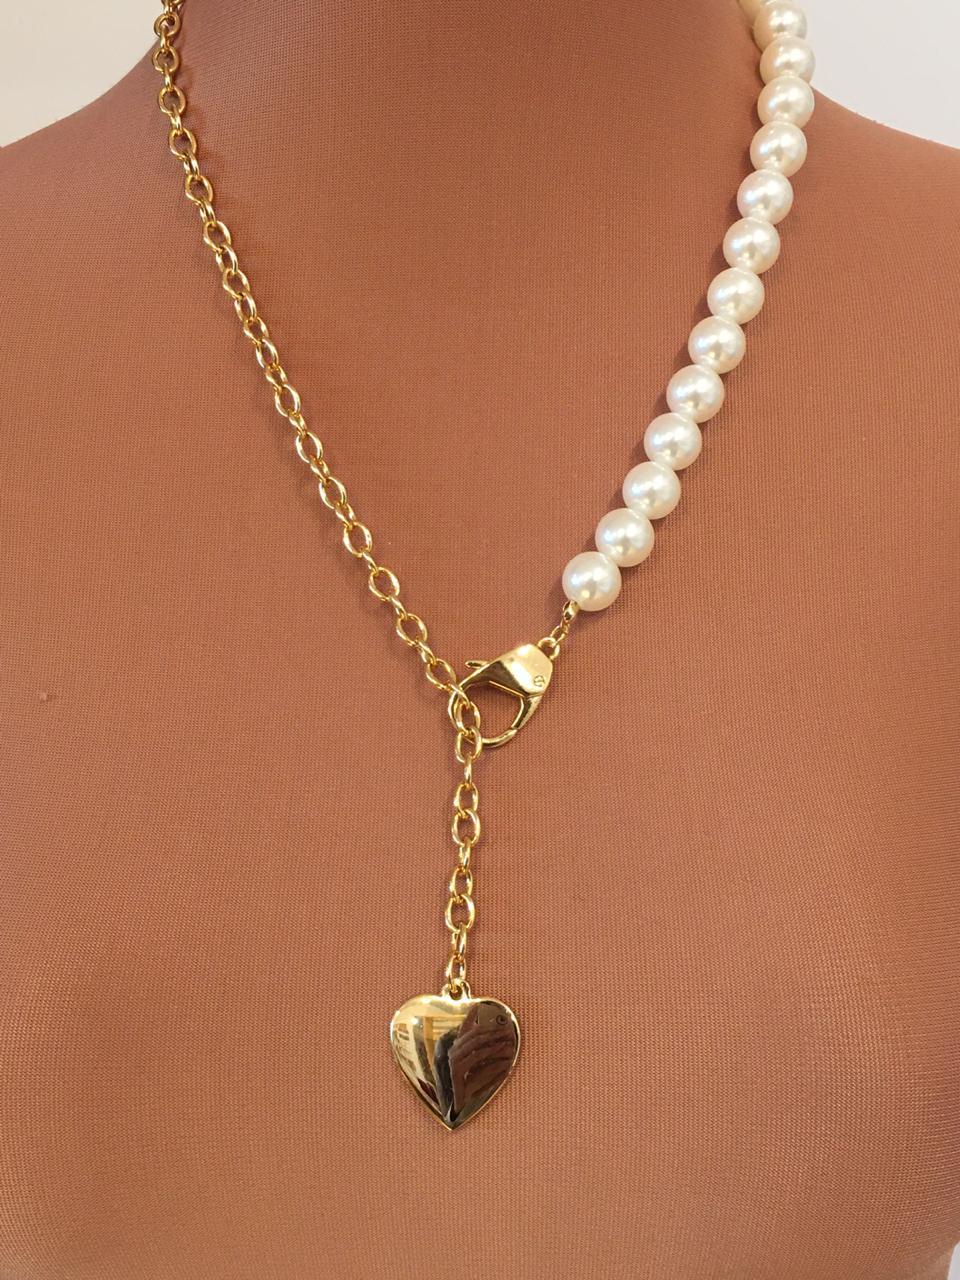 Colar com elos dourado e pérolas pingente coração dourado | CA1070